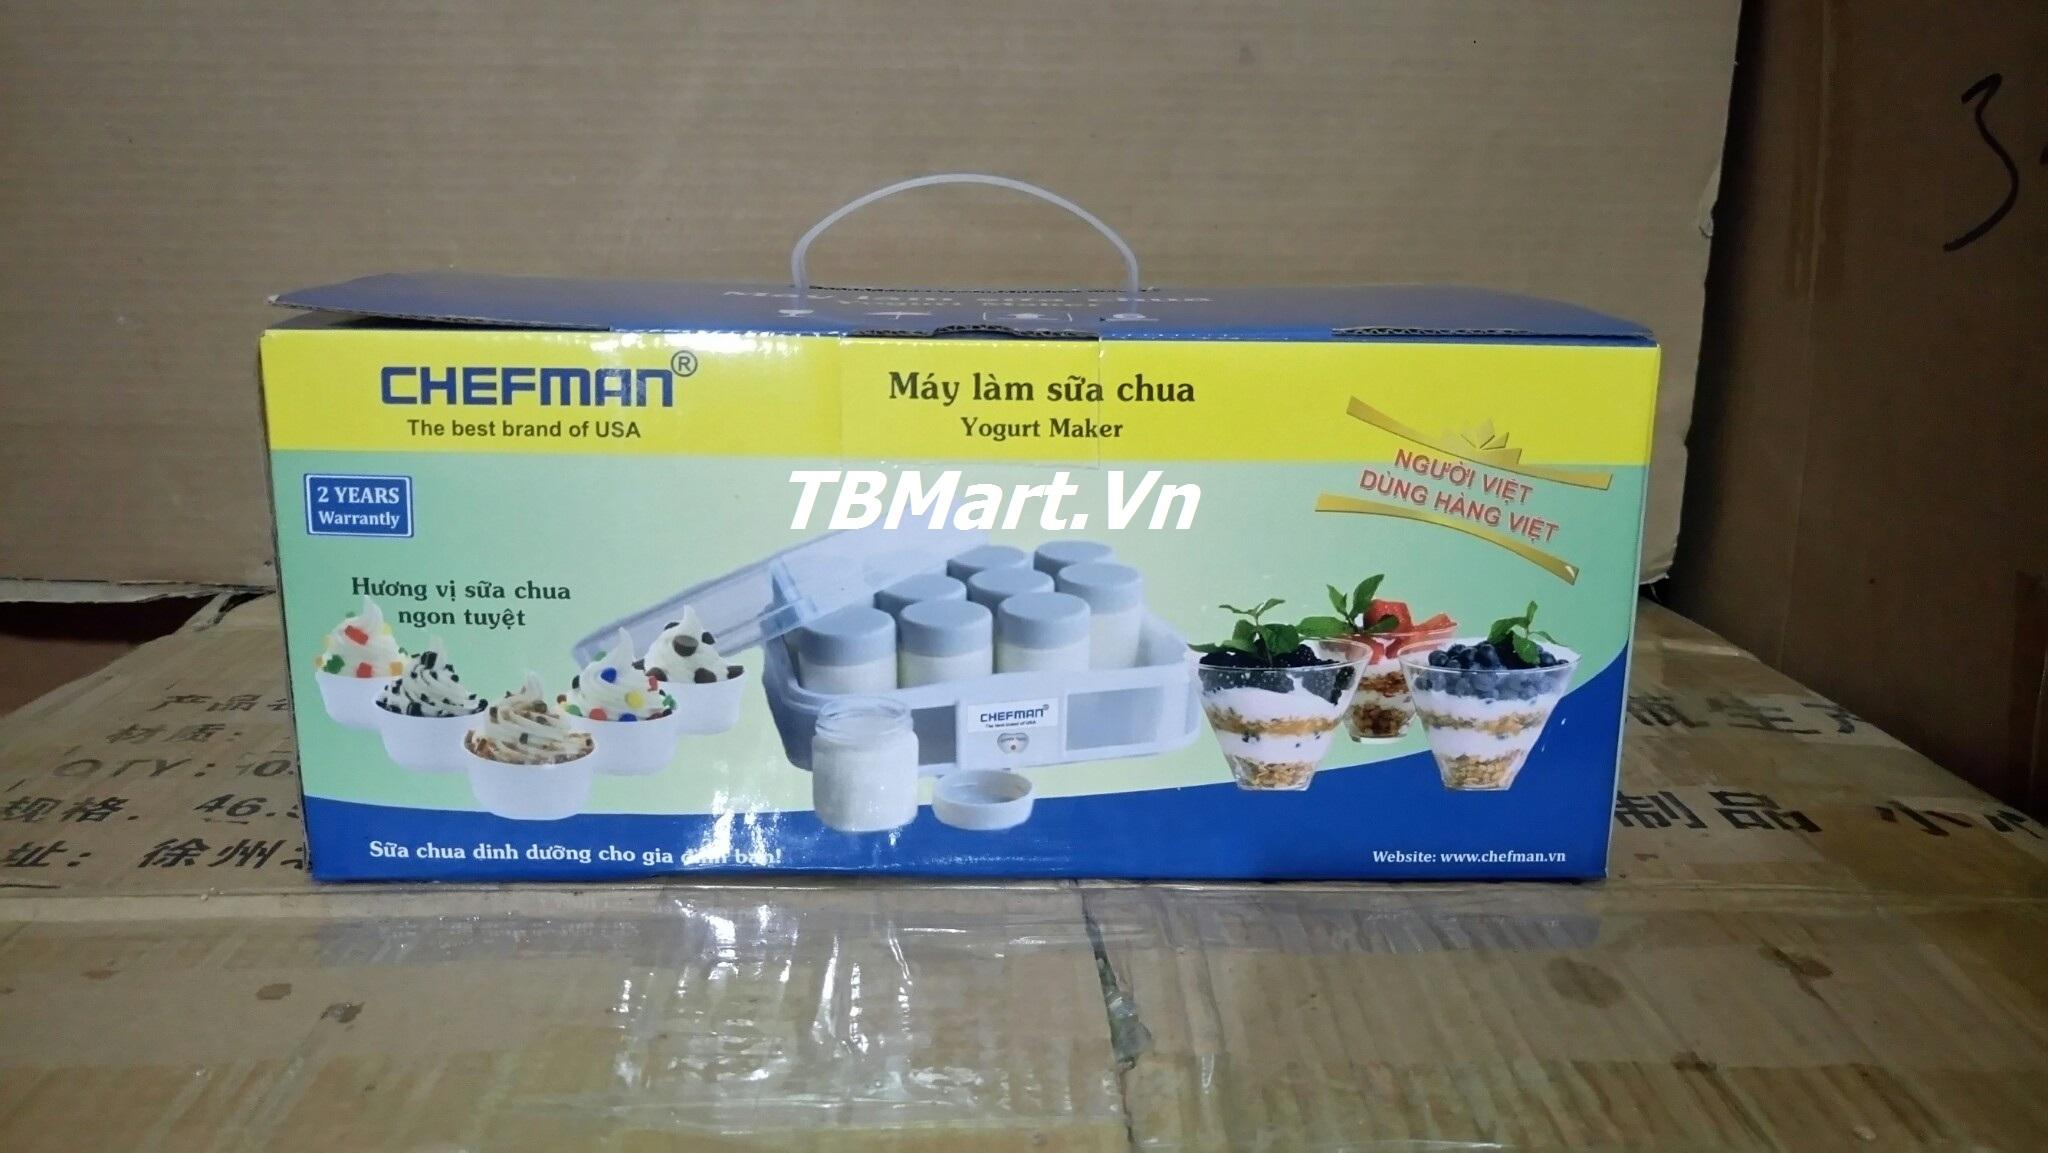 Máy Làm Sữa Chua Chefman 12 Cốc Thủy Tinh Cao Cấp của TB MART